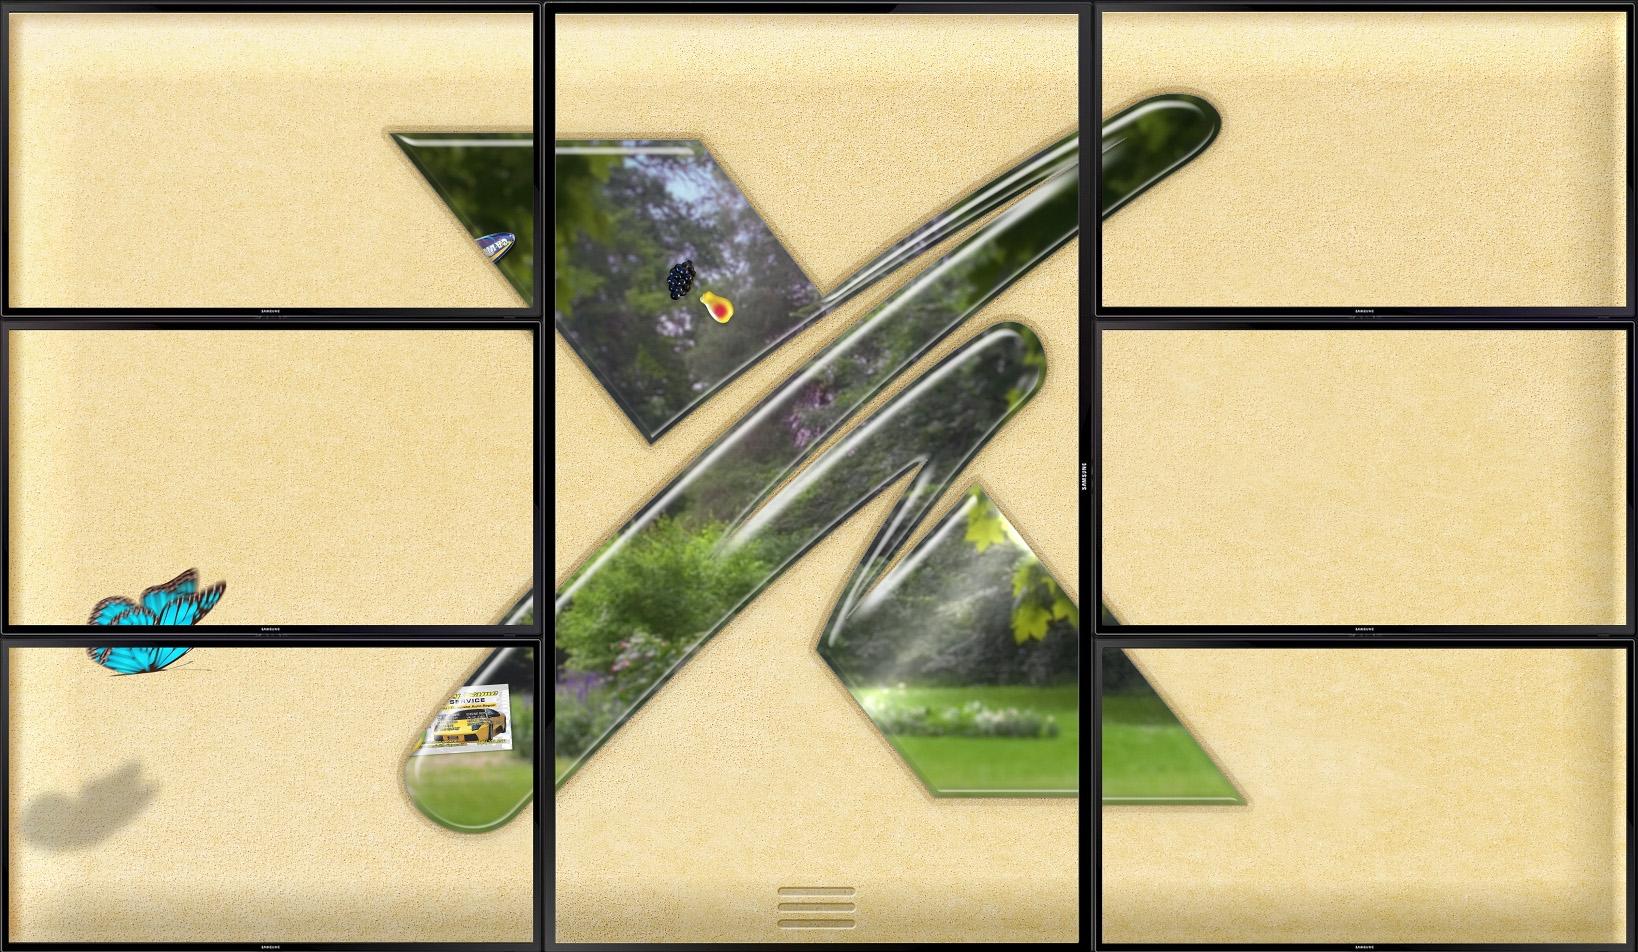 xenix_1.jpg